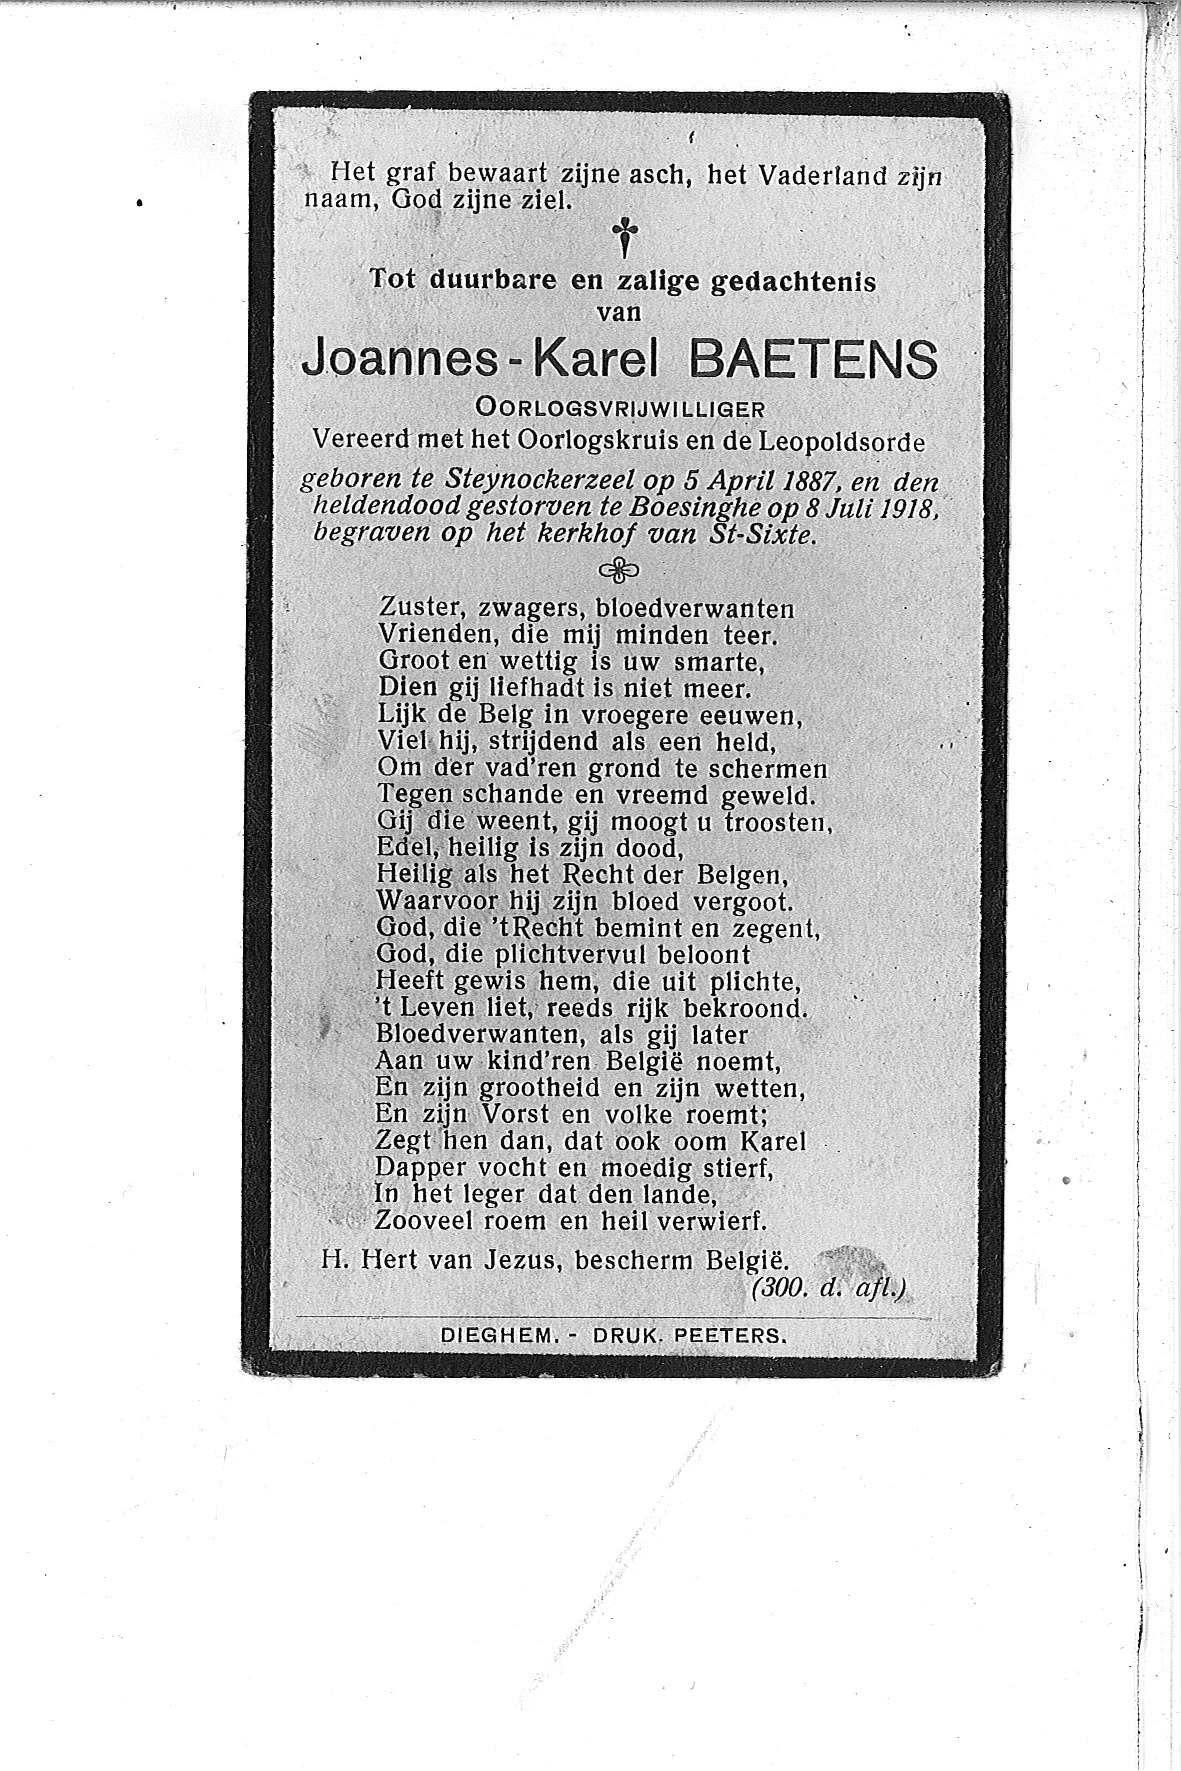 Joannes-Karel(1918)20101004091156_00013.jpg